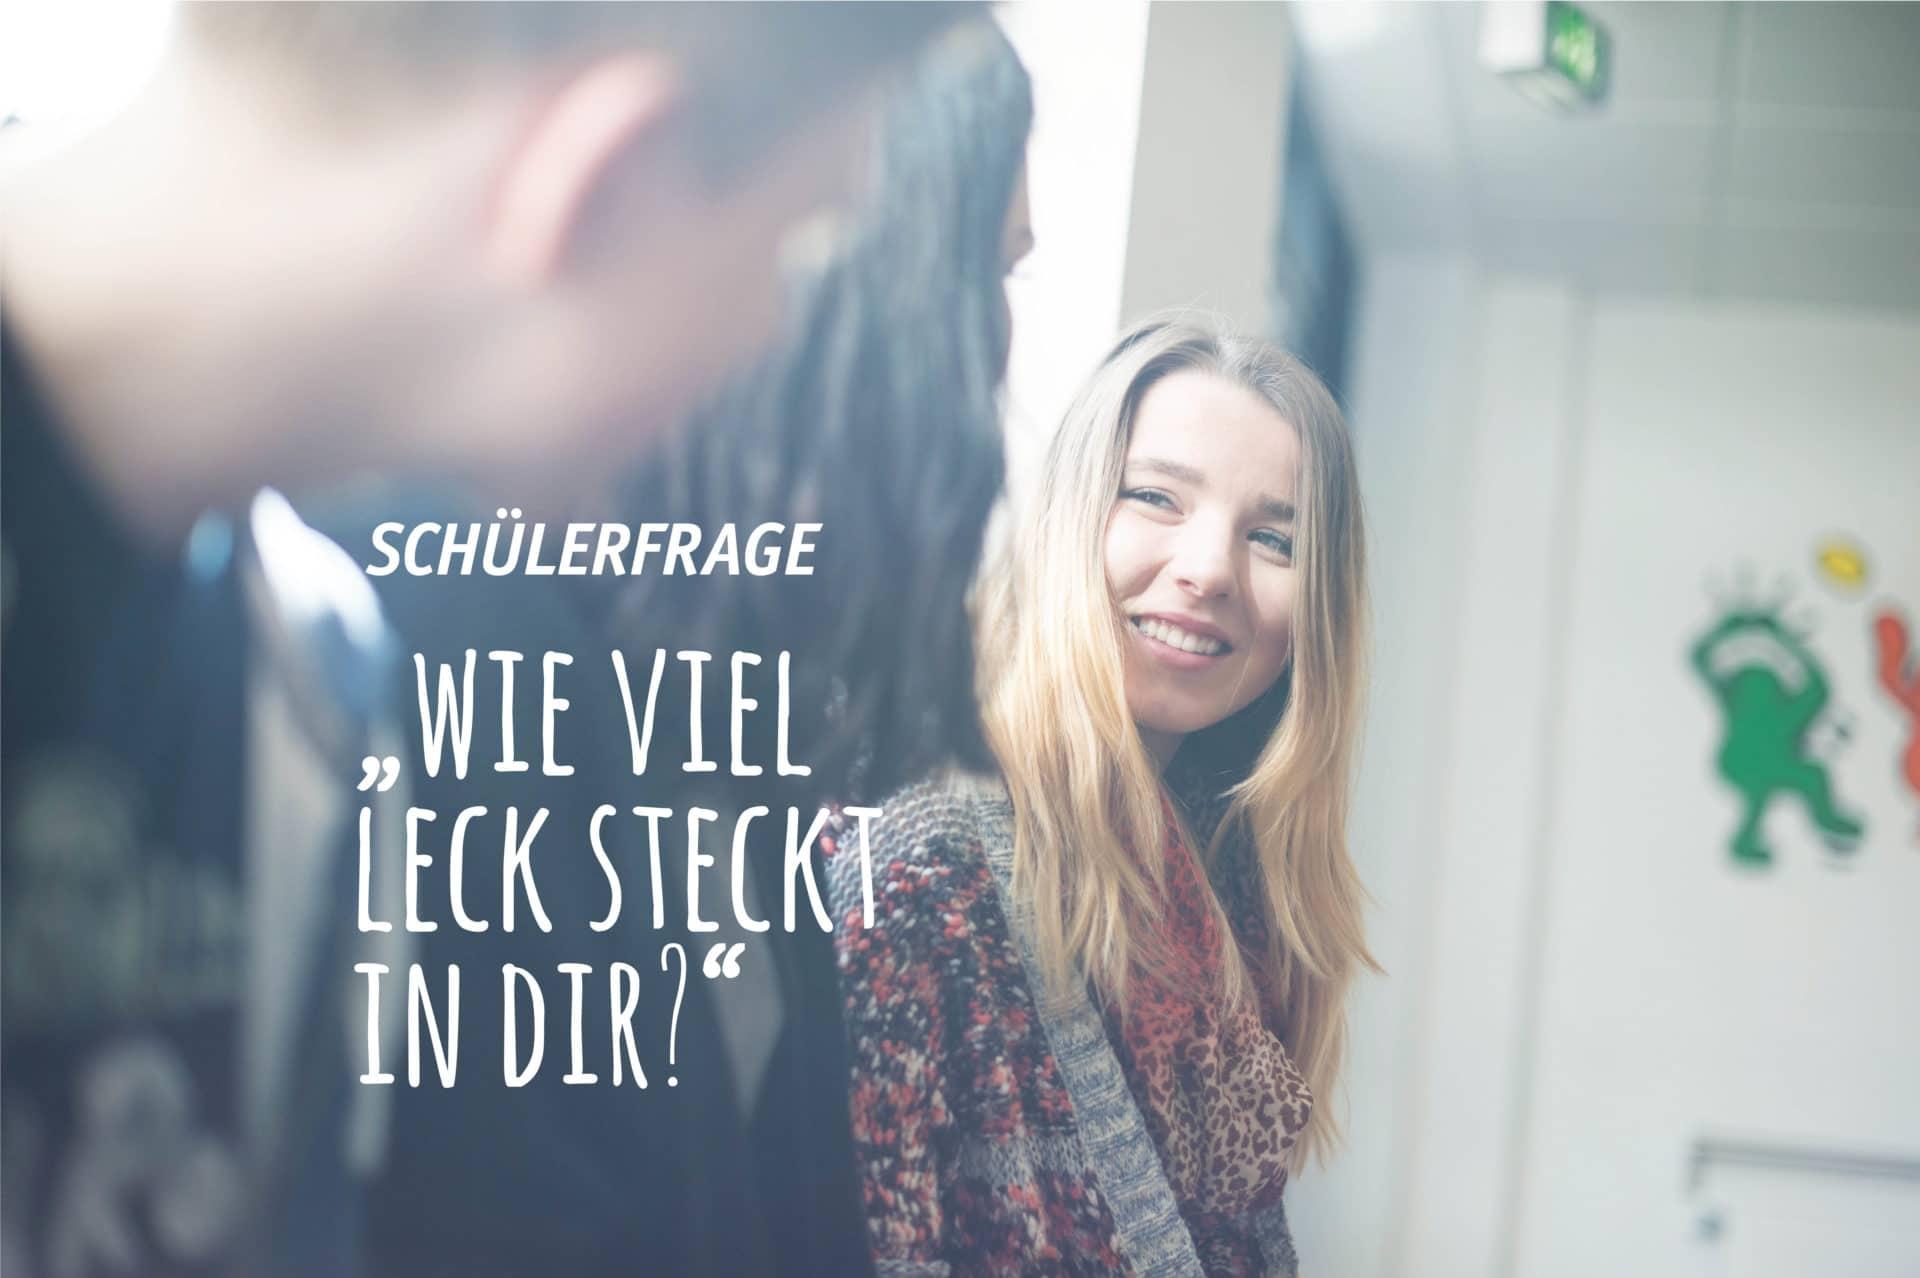 Eine blonde jugendliche lächelt einen, dem Betrachter abgewandten, Jugendlichen an.